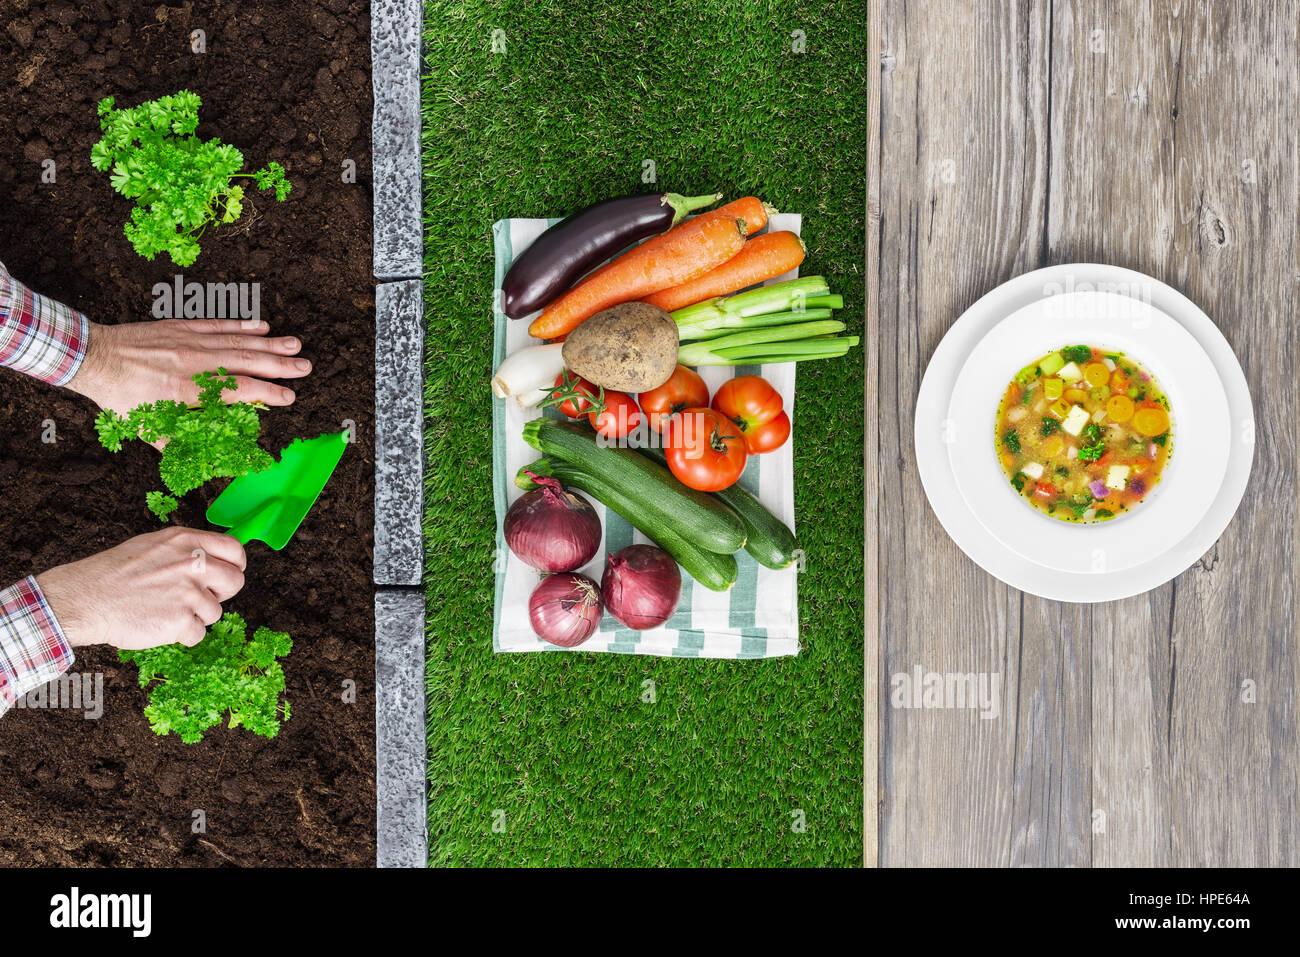 Il cibo dalla fattoria alla tavola: agricoltore di piantare le piantine in giardino, ortaggi raccolti e gustosa minestra in un piatto Foto Stock